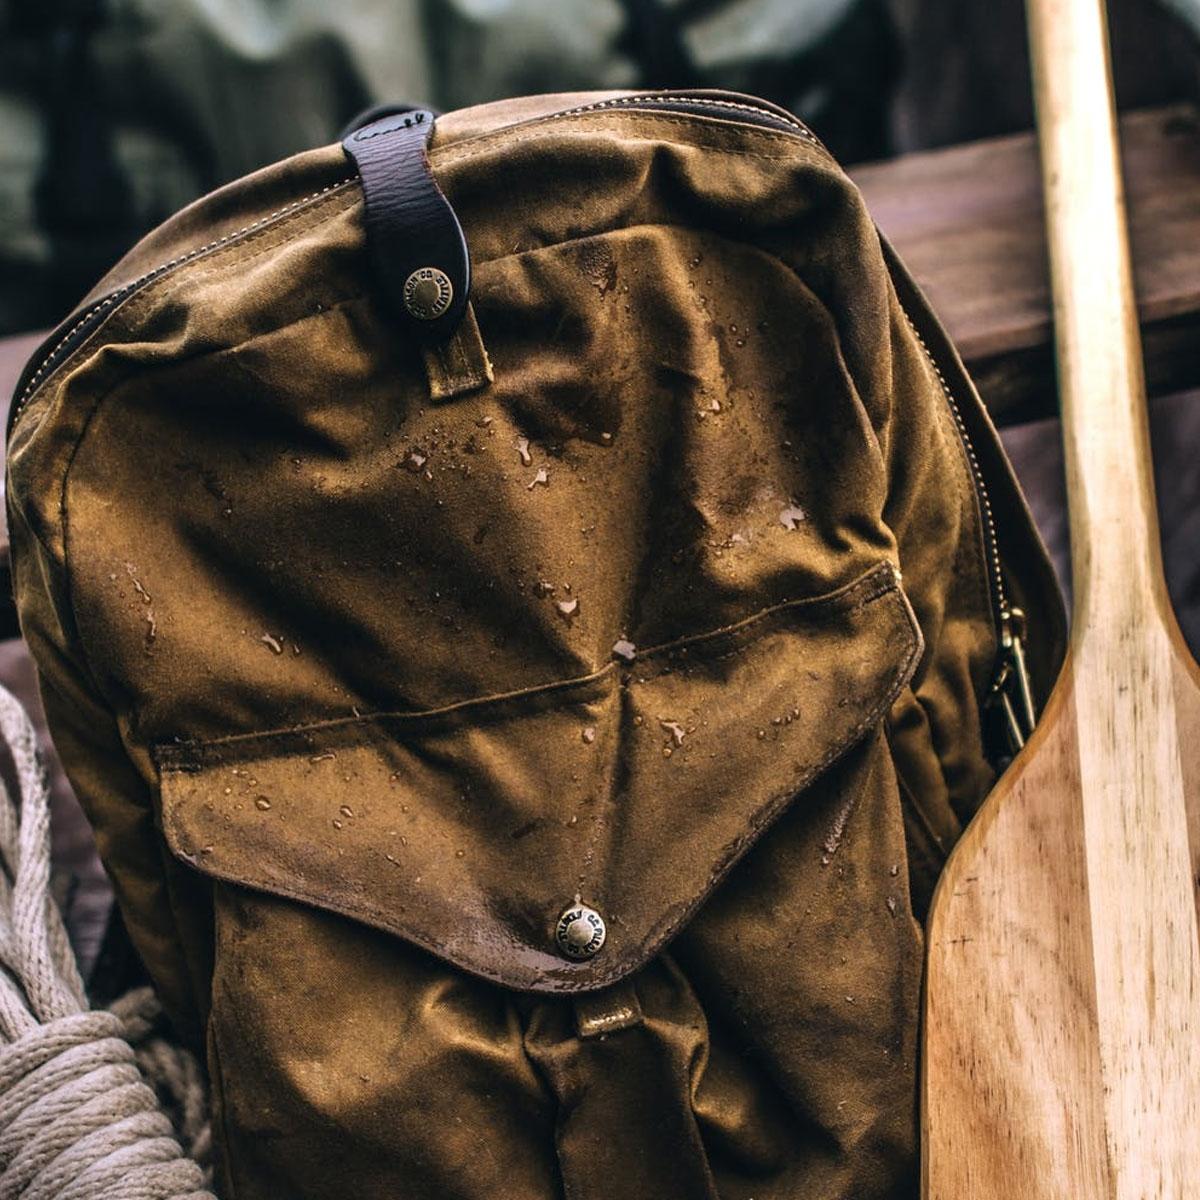 Filson Journeyman Backpack 11070307 Tan, wasserdichter Rucksack, der jahrzehntelang und in jedem Klima einsetzbar ist